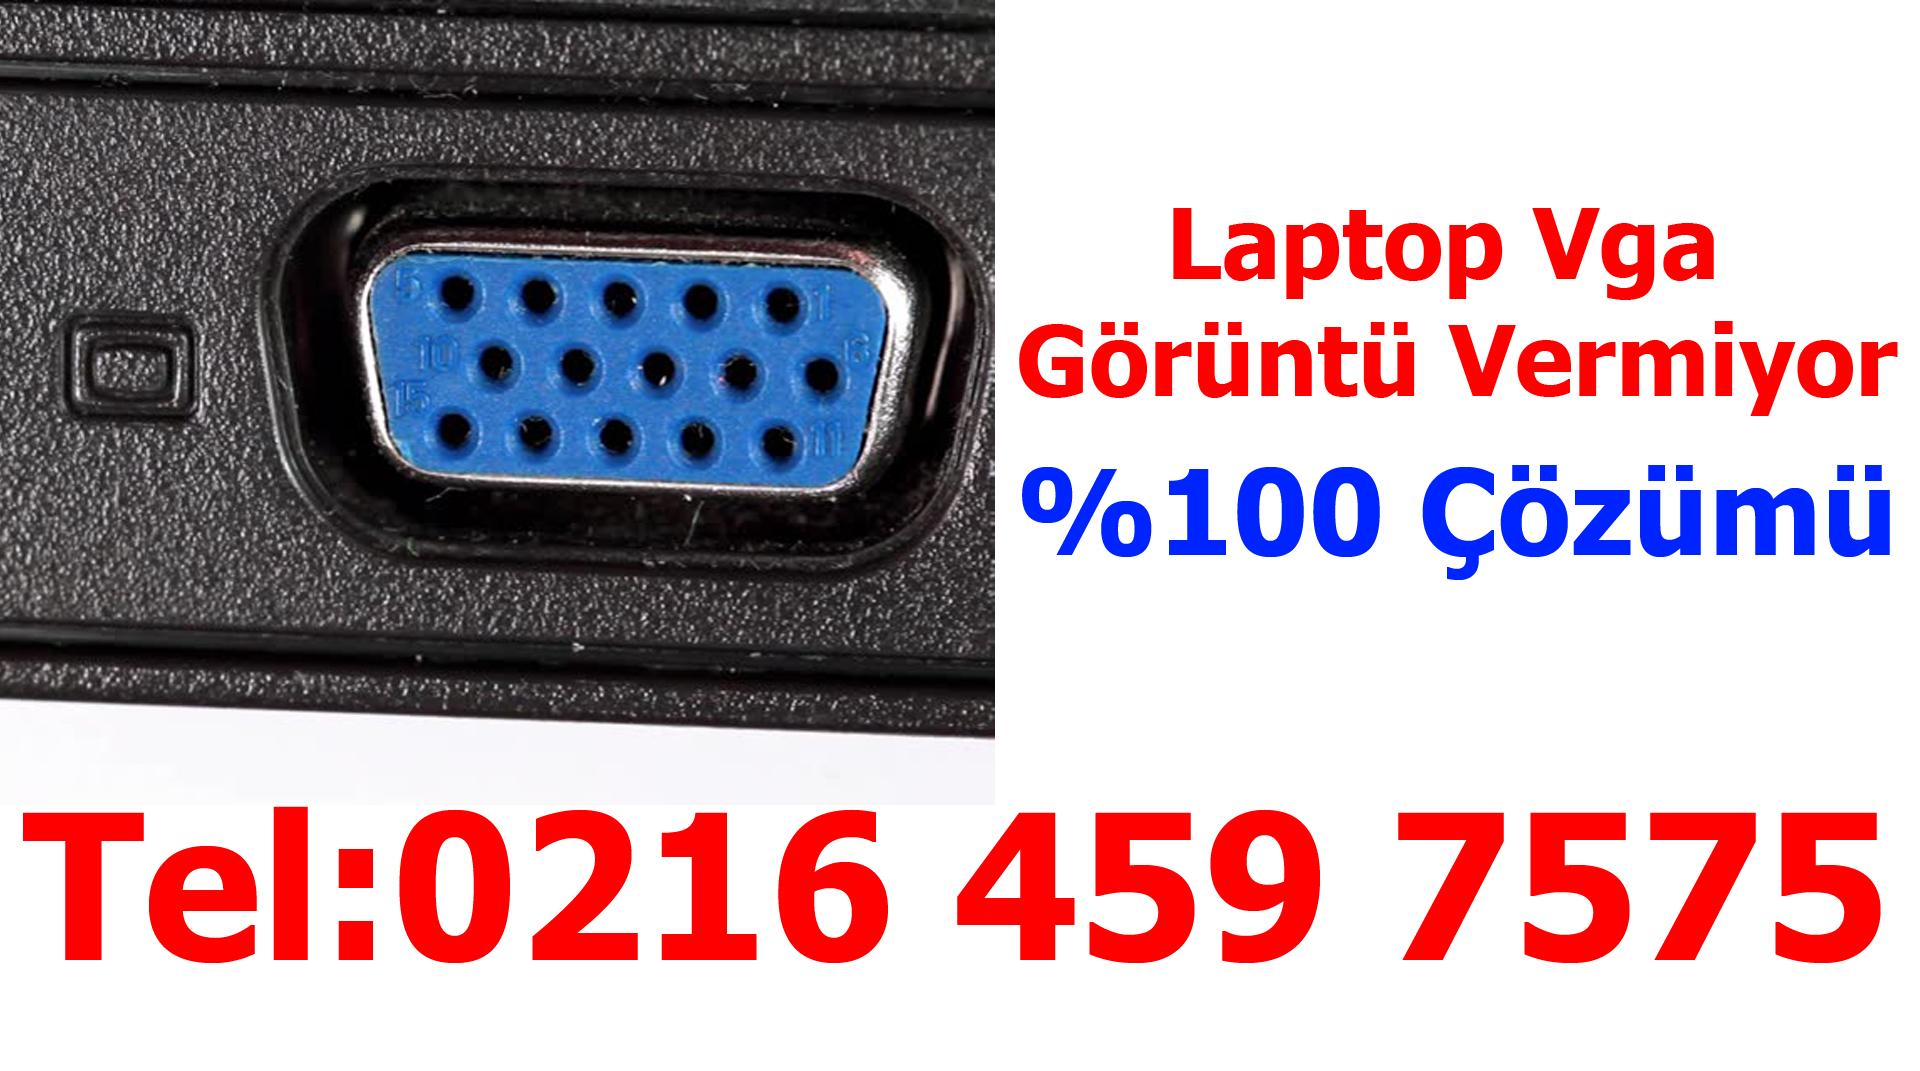 Laptop VGA Görüntü Vermiyor